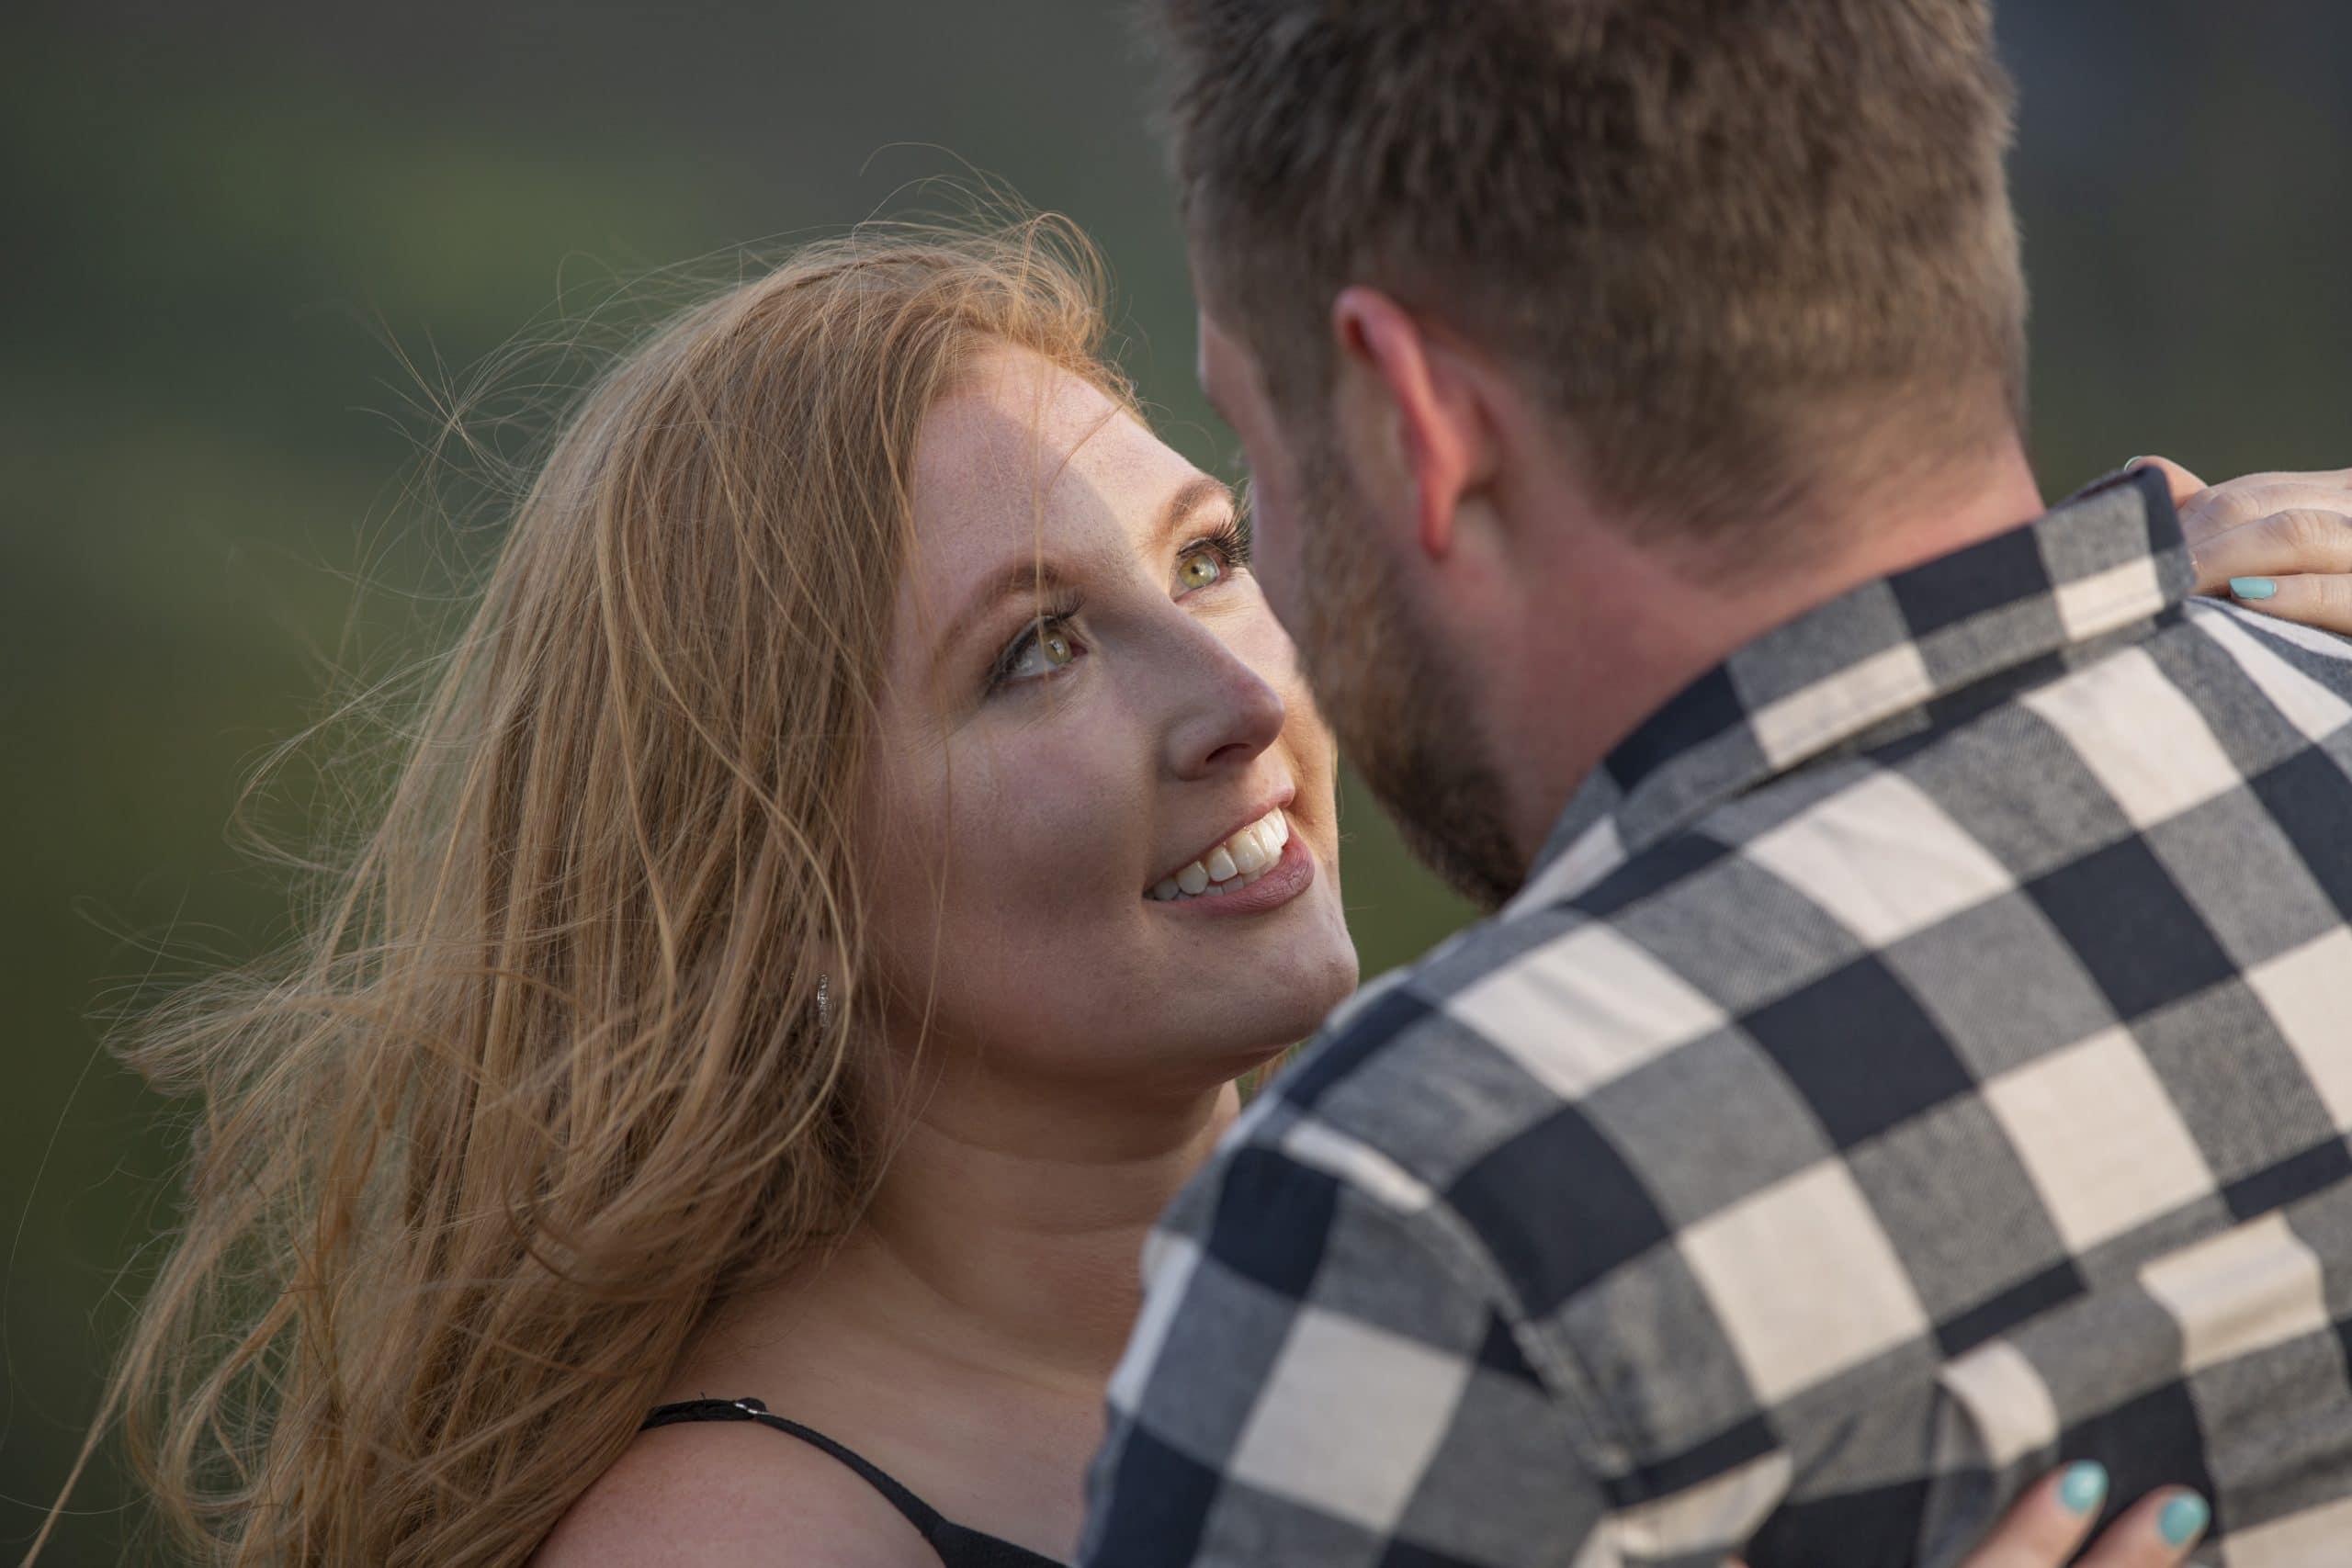 woman gazing up at man lovingly